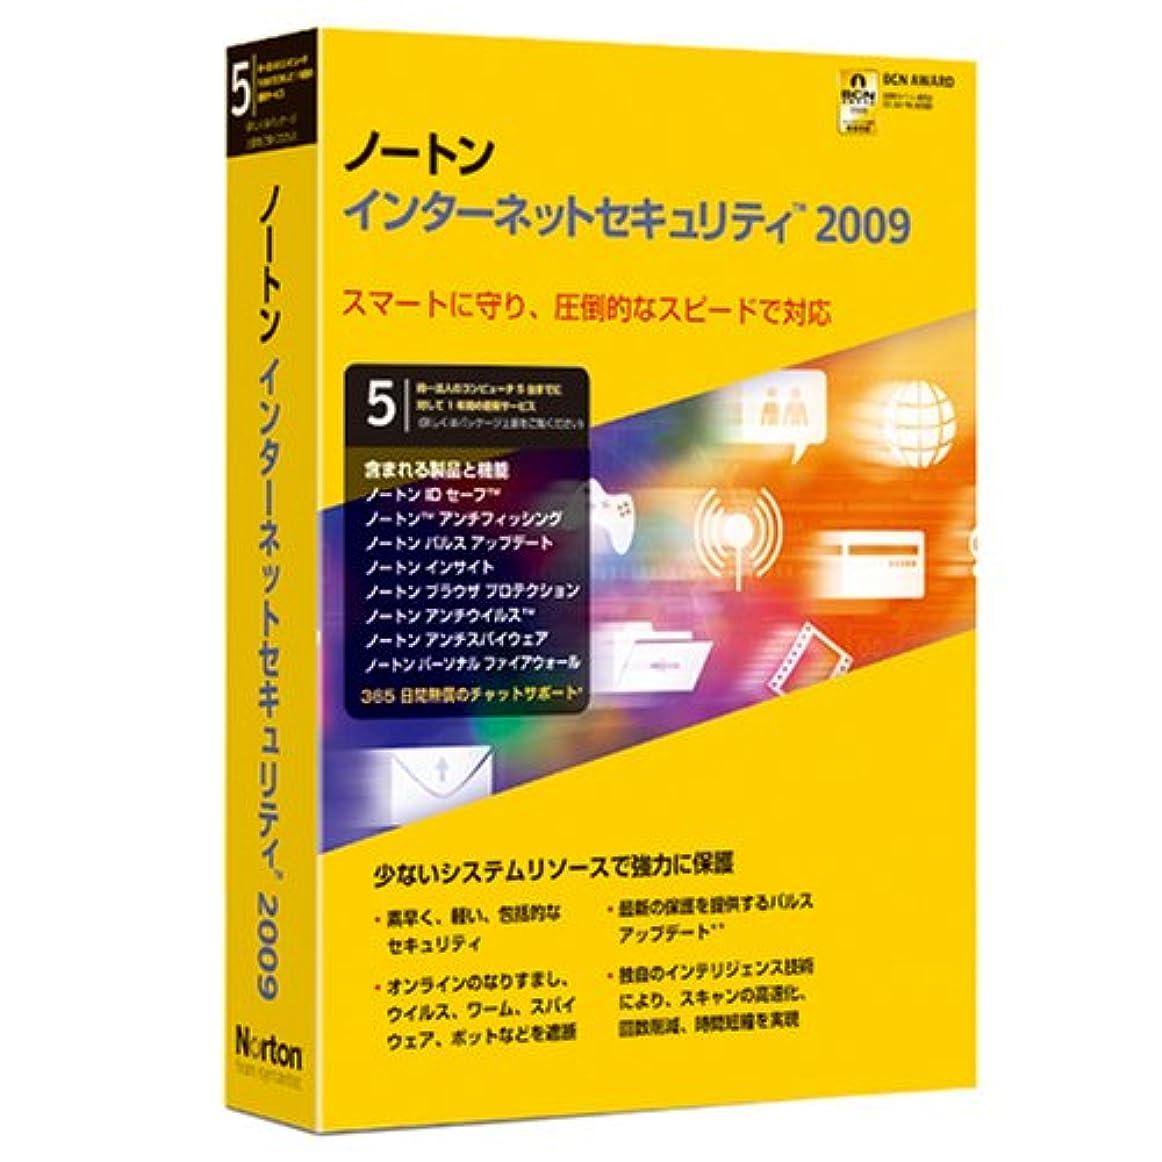 平衡発信冒険者Norton Internet Security 2009 スモールオフィスパック 5ユーザー